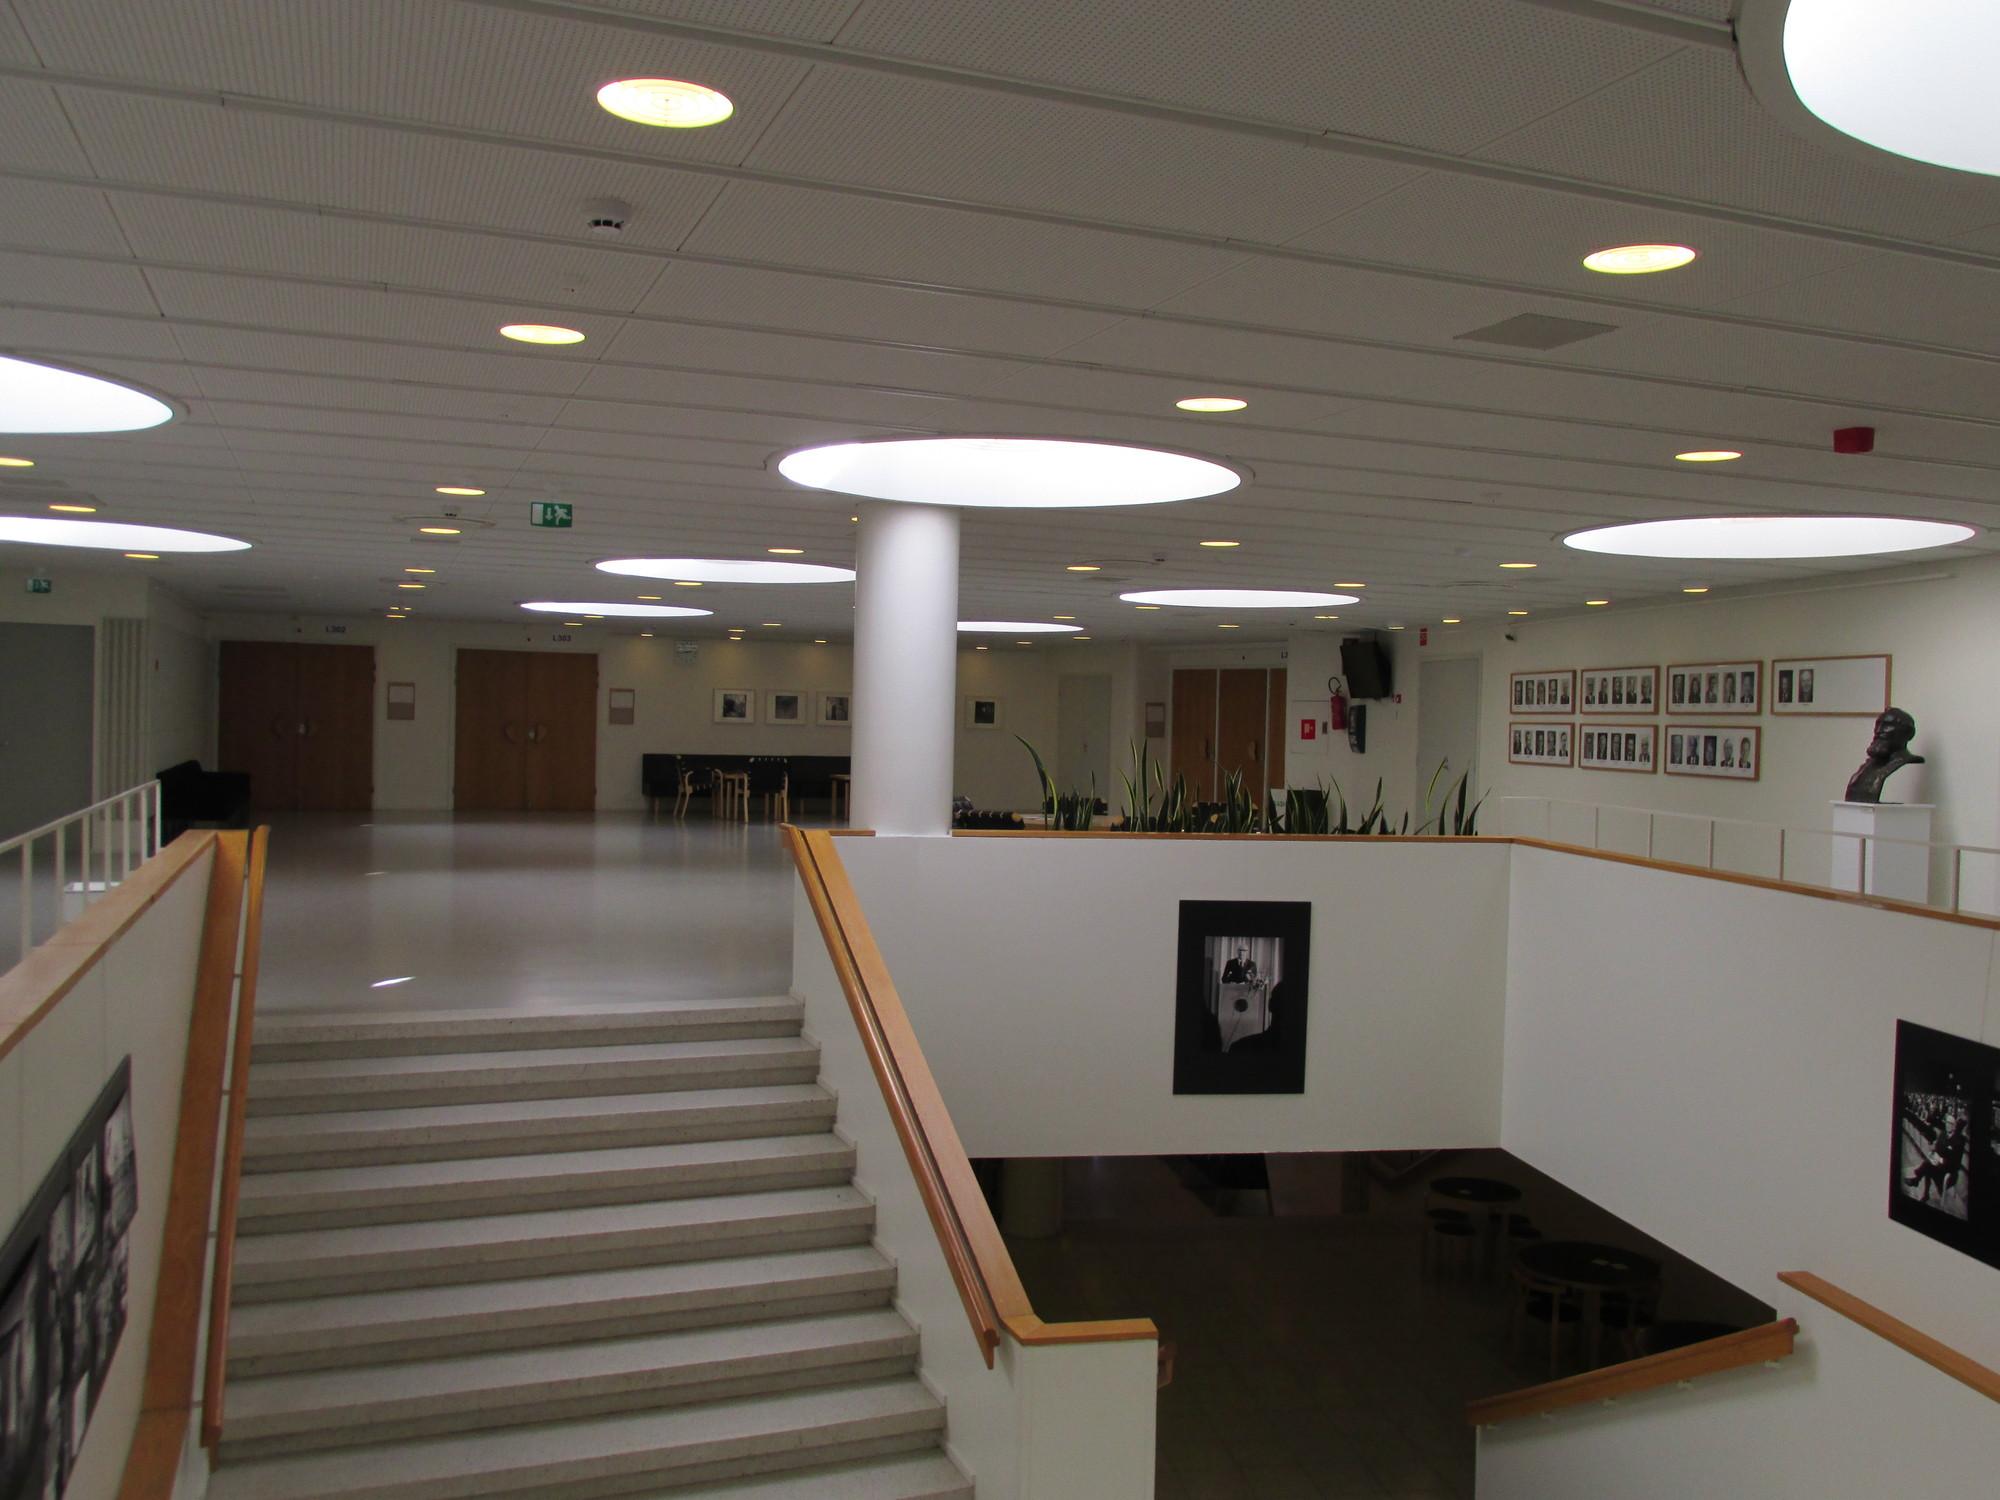 Instituto Educación Física. Image © Karina Nogales